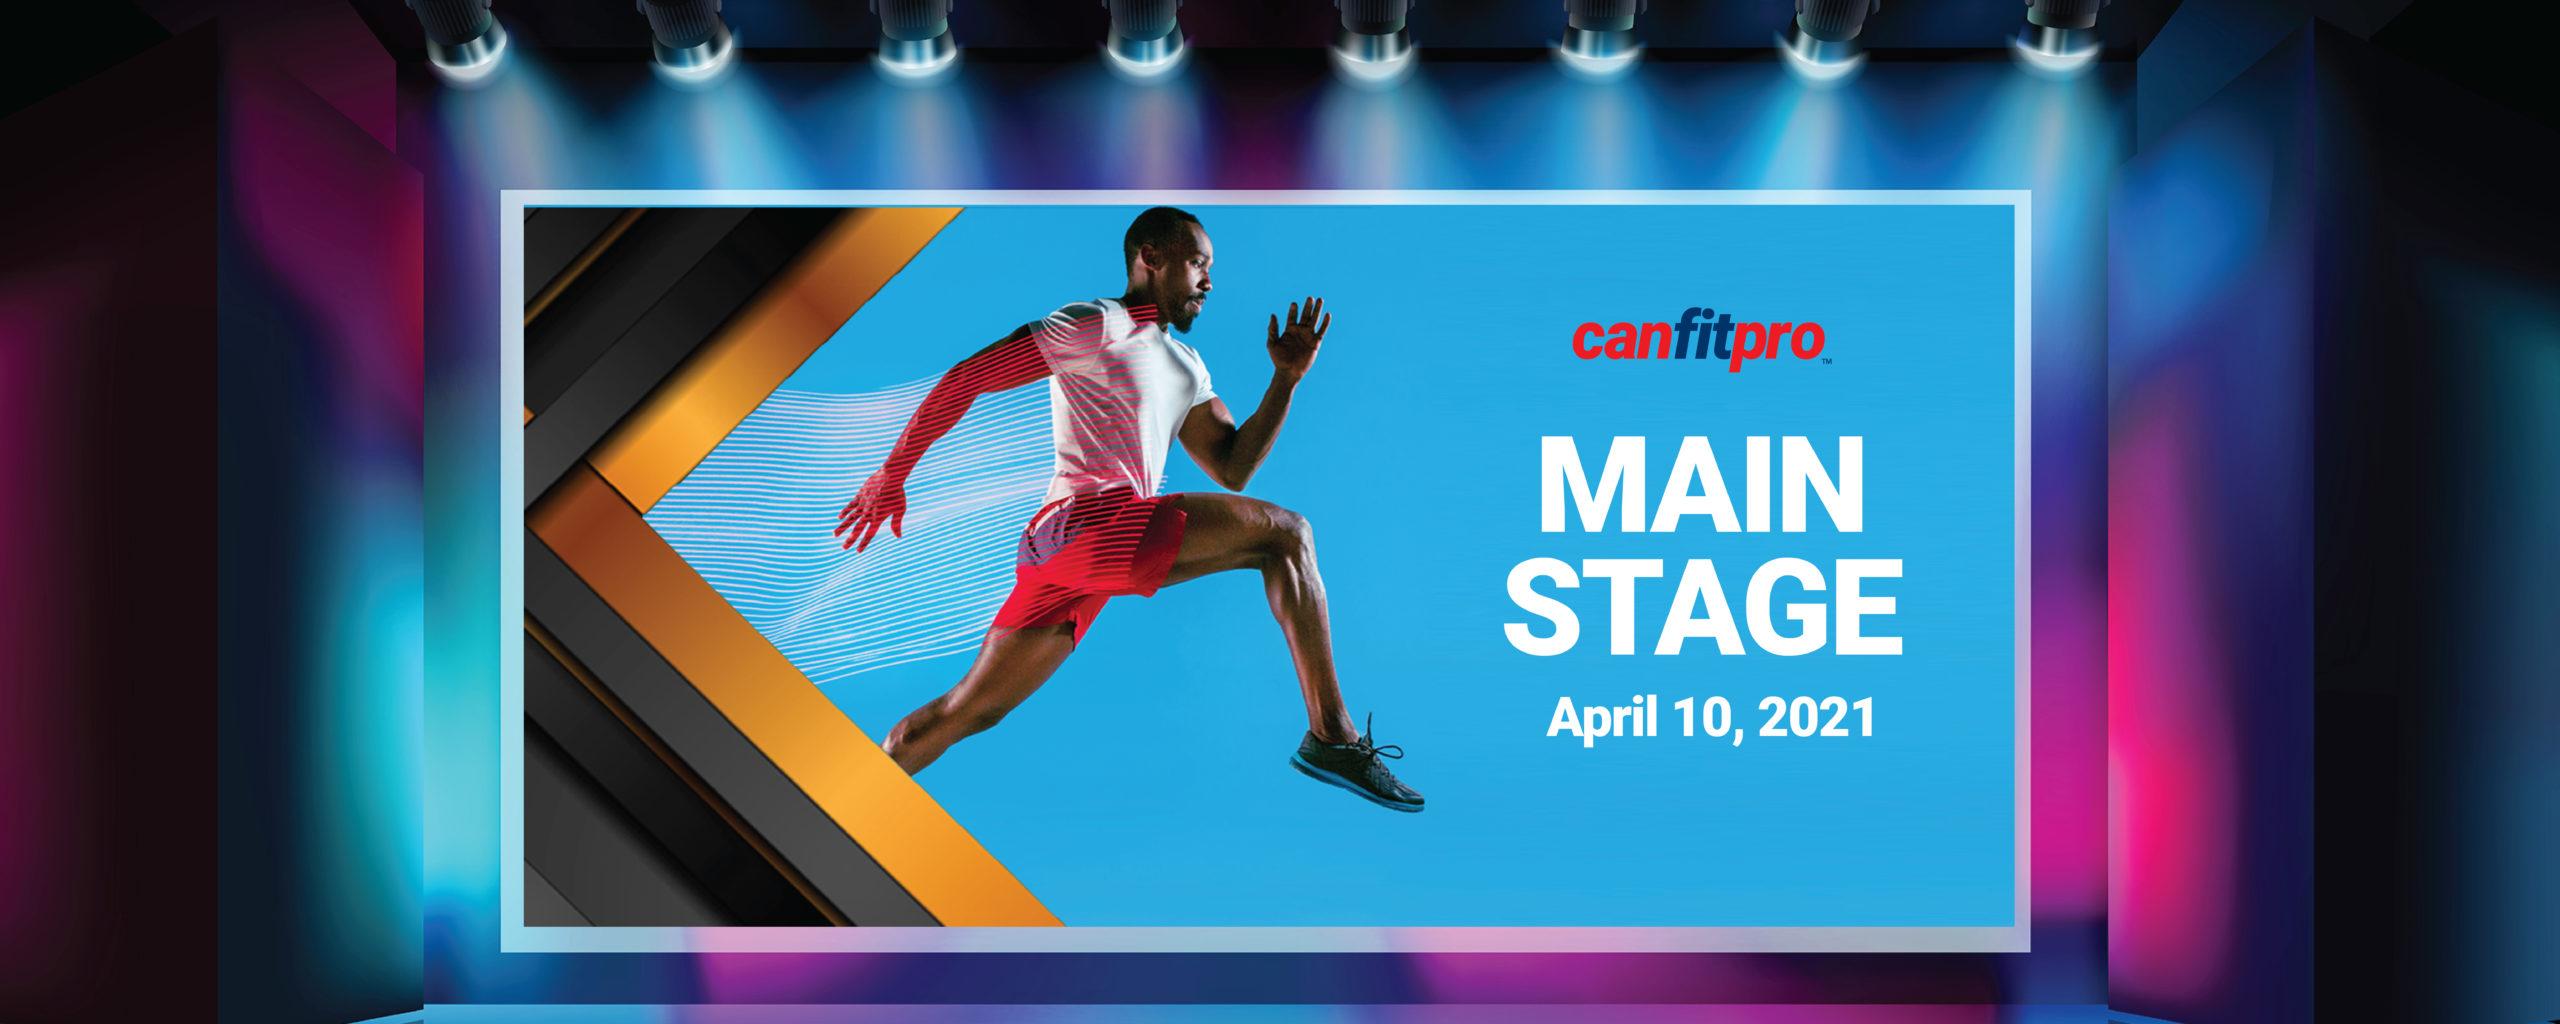 canfitpro main stage